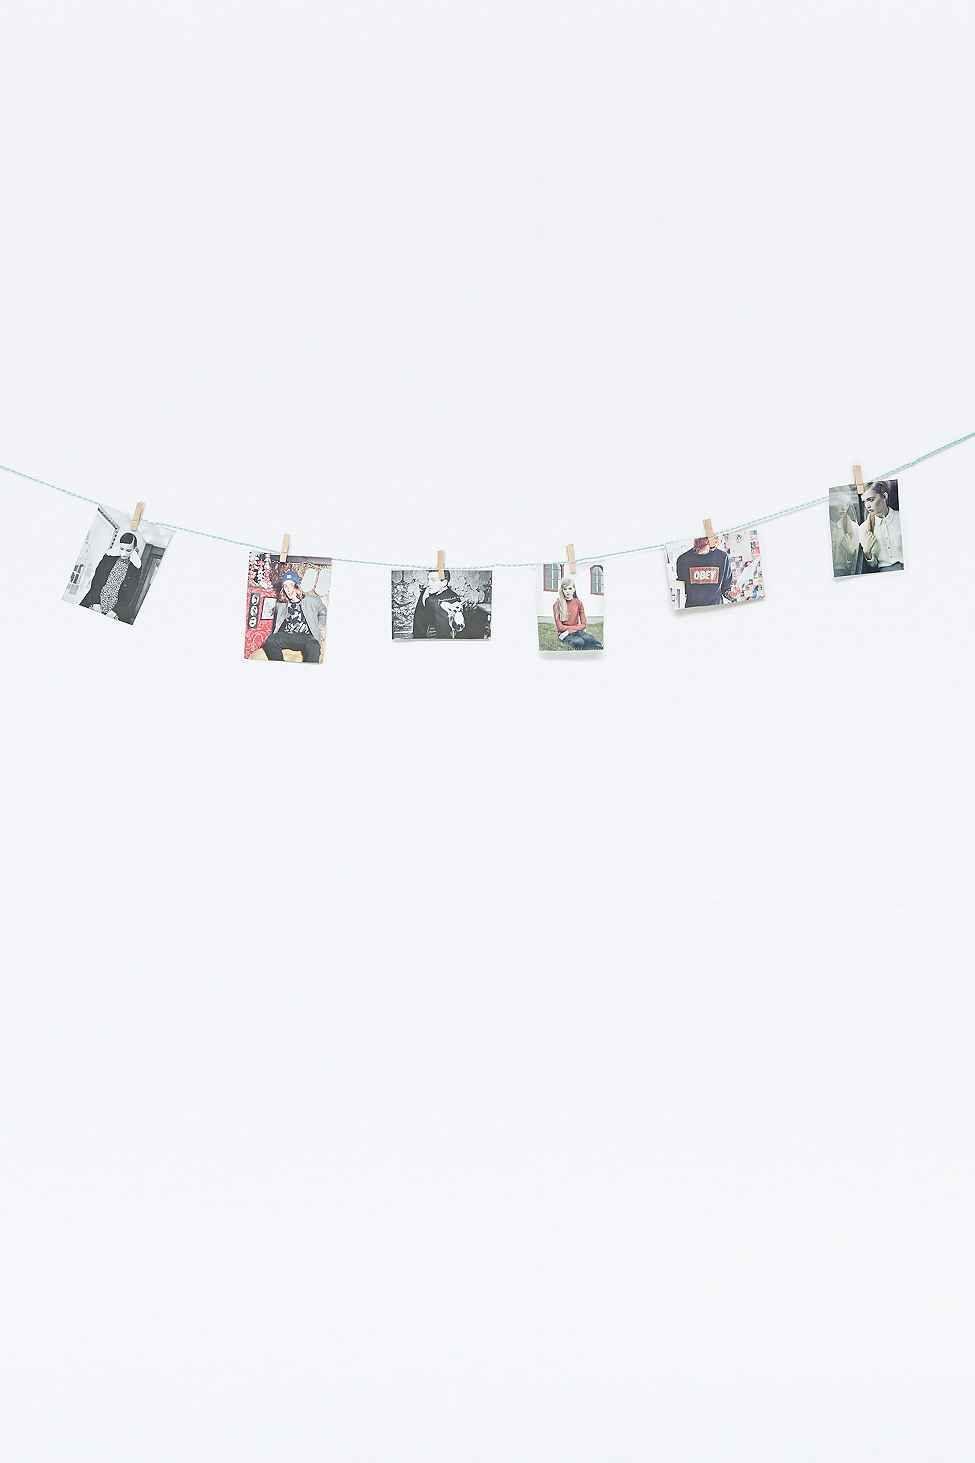 100 Incroyable Suggestions Corde Et Pinces À Linge Pour Accrocher Les Photos